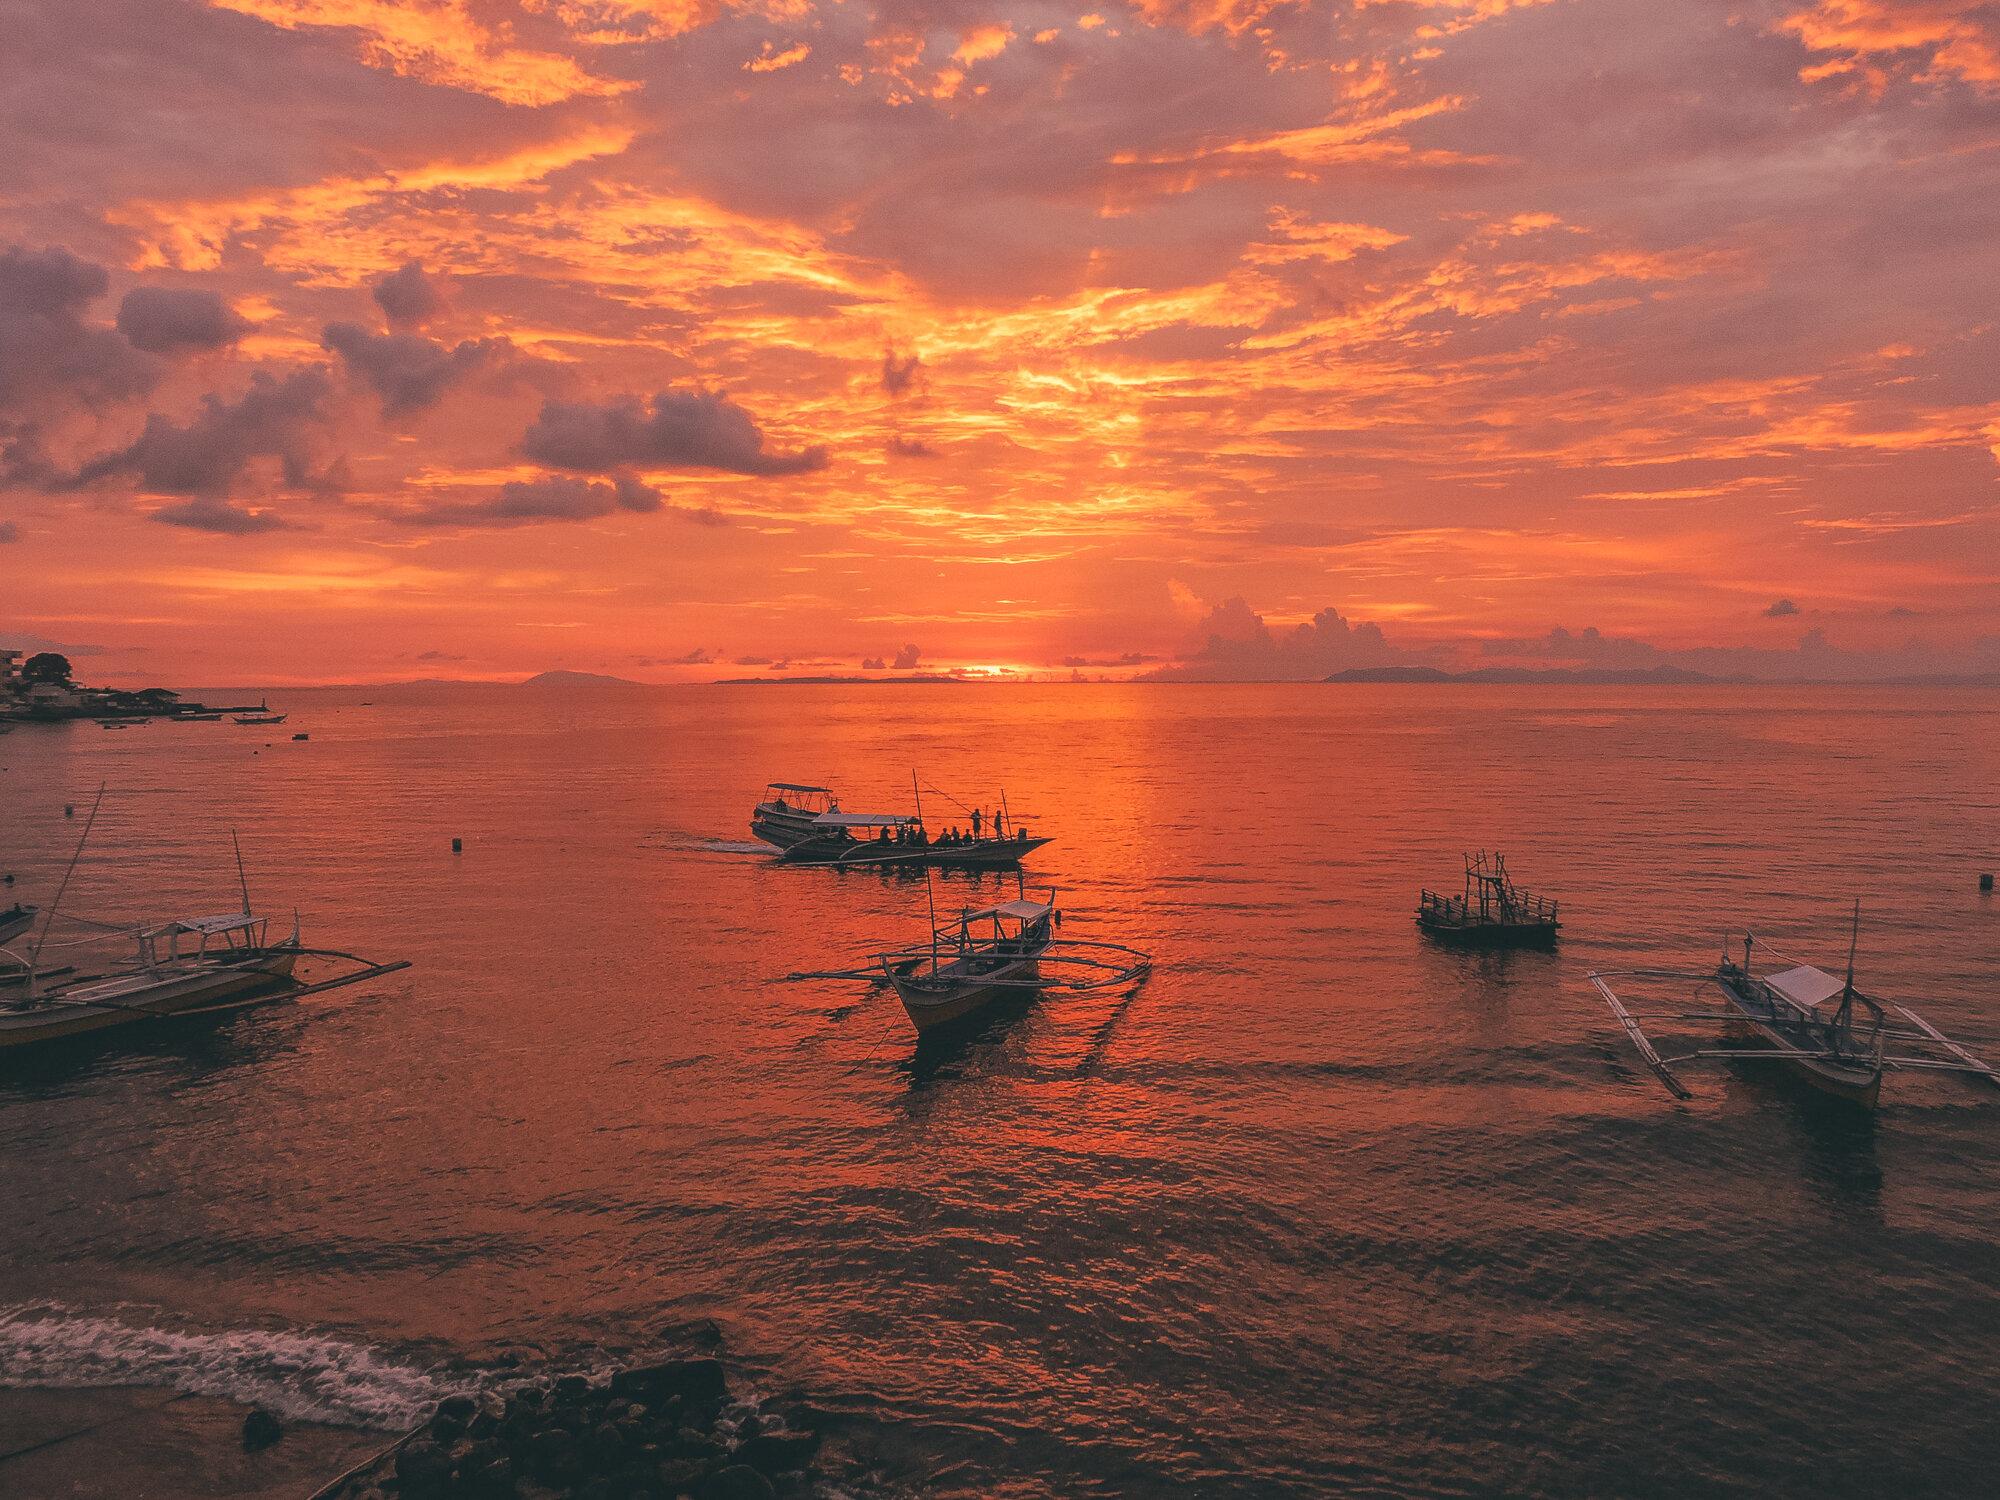 菲律宾八打加斯-吕宋岛,马比尼,阿尼劳,海上火红的日落和漂浮的船只